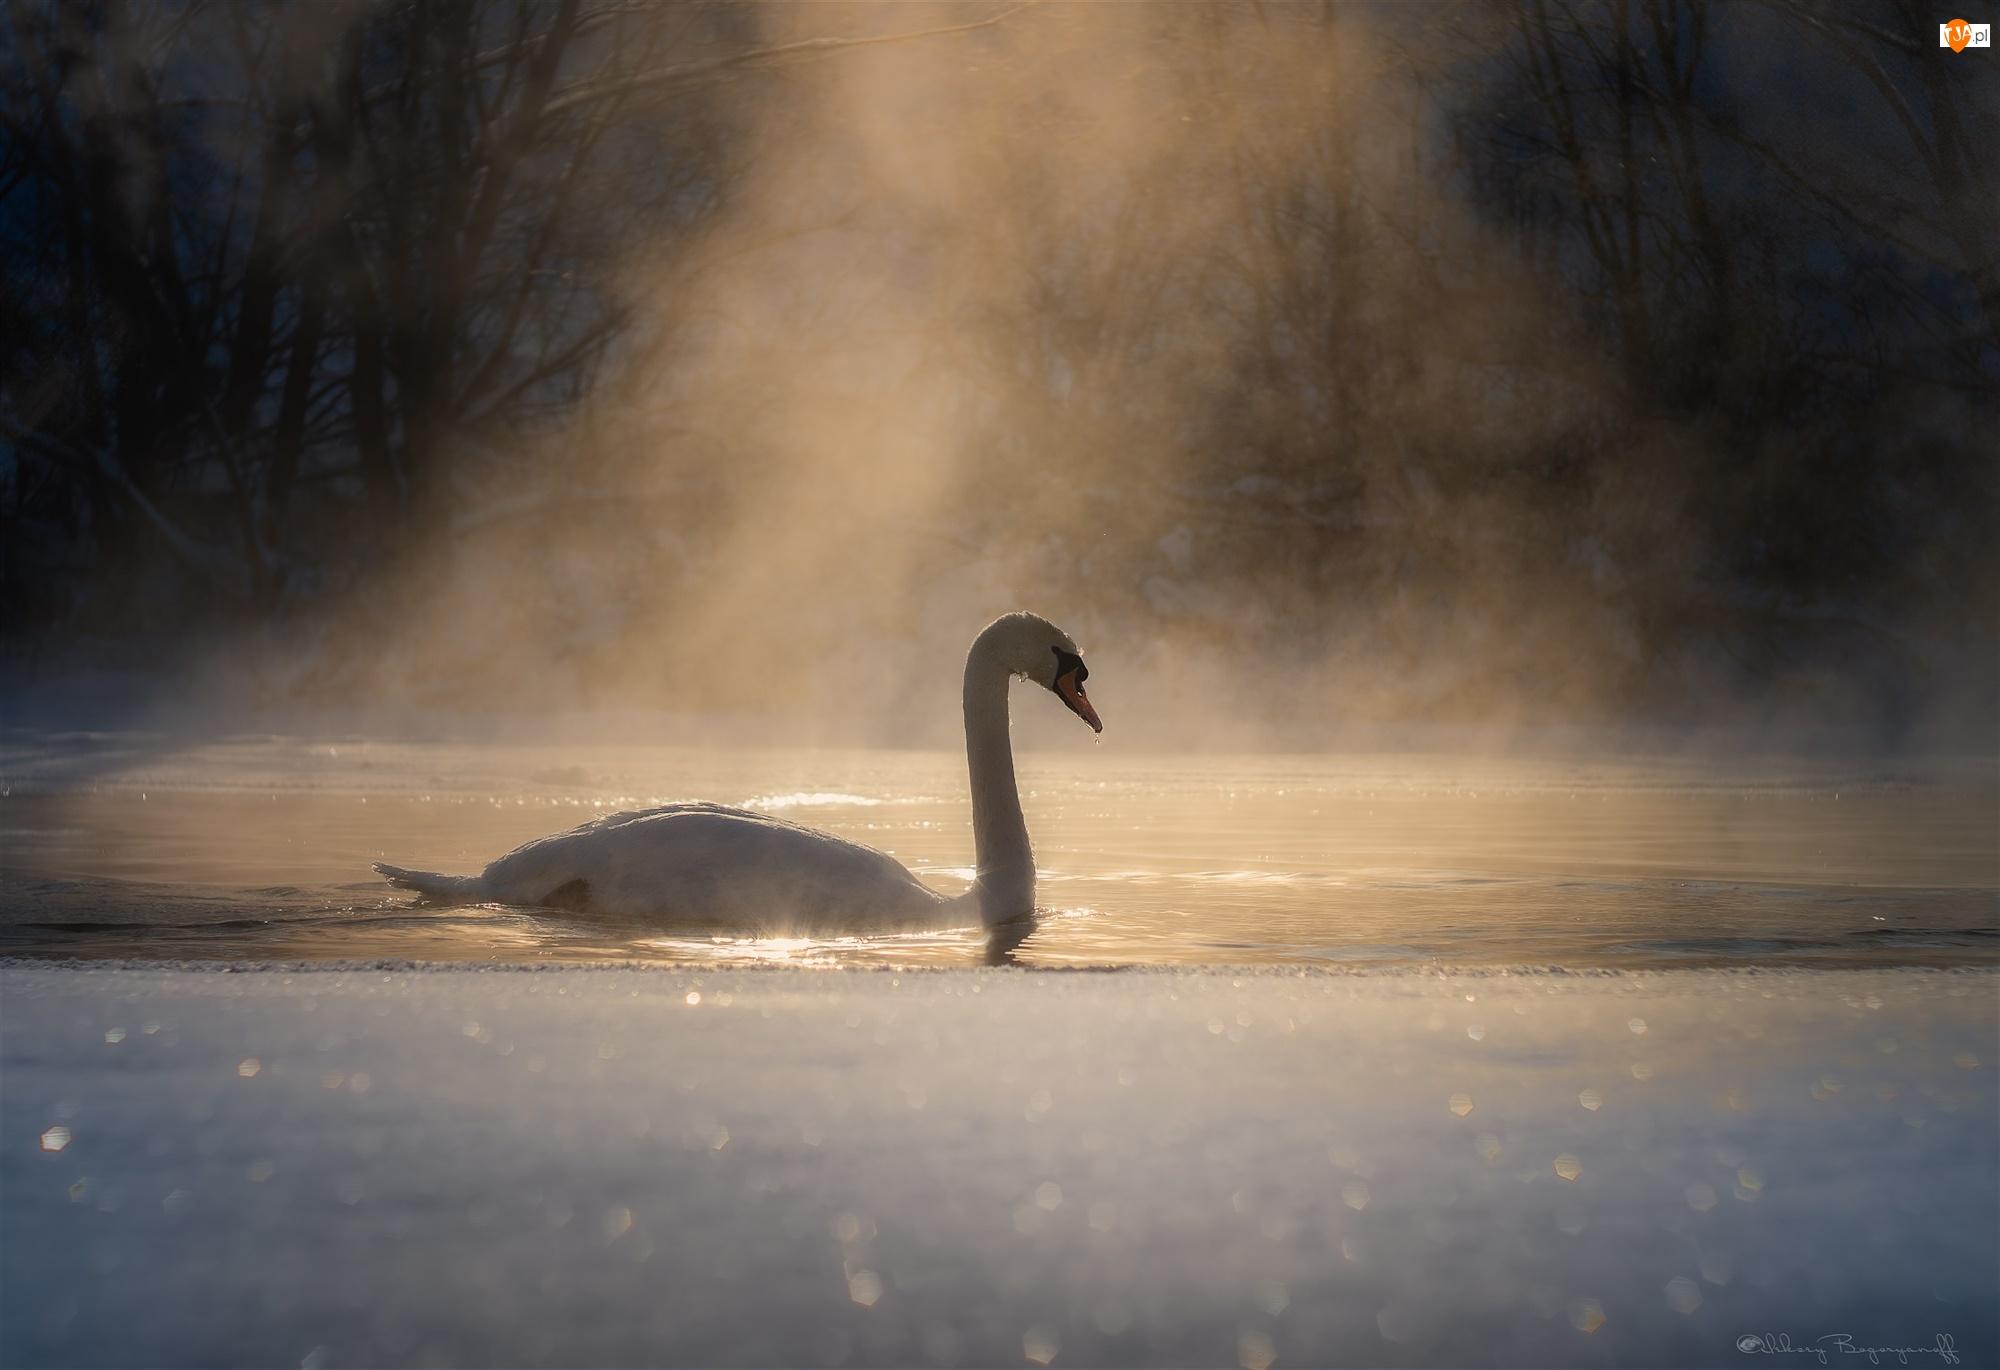 Poranek, Mgła, Zima, Łabędź, Poświata